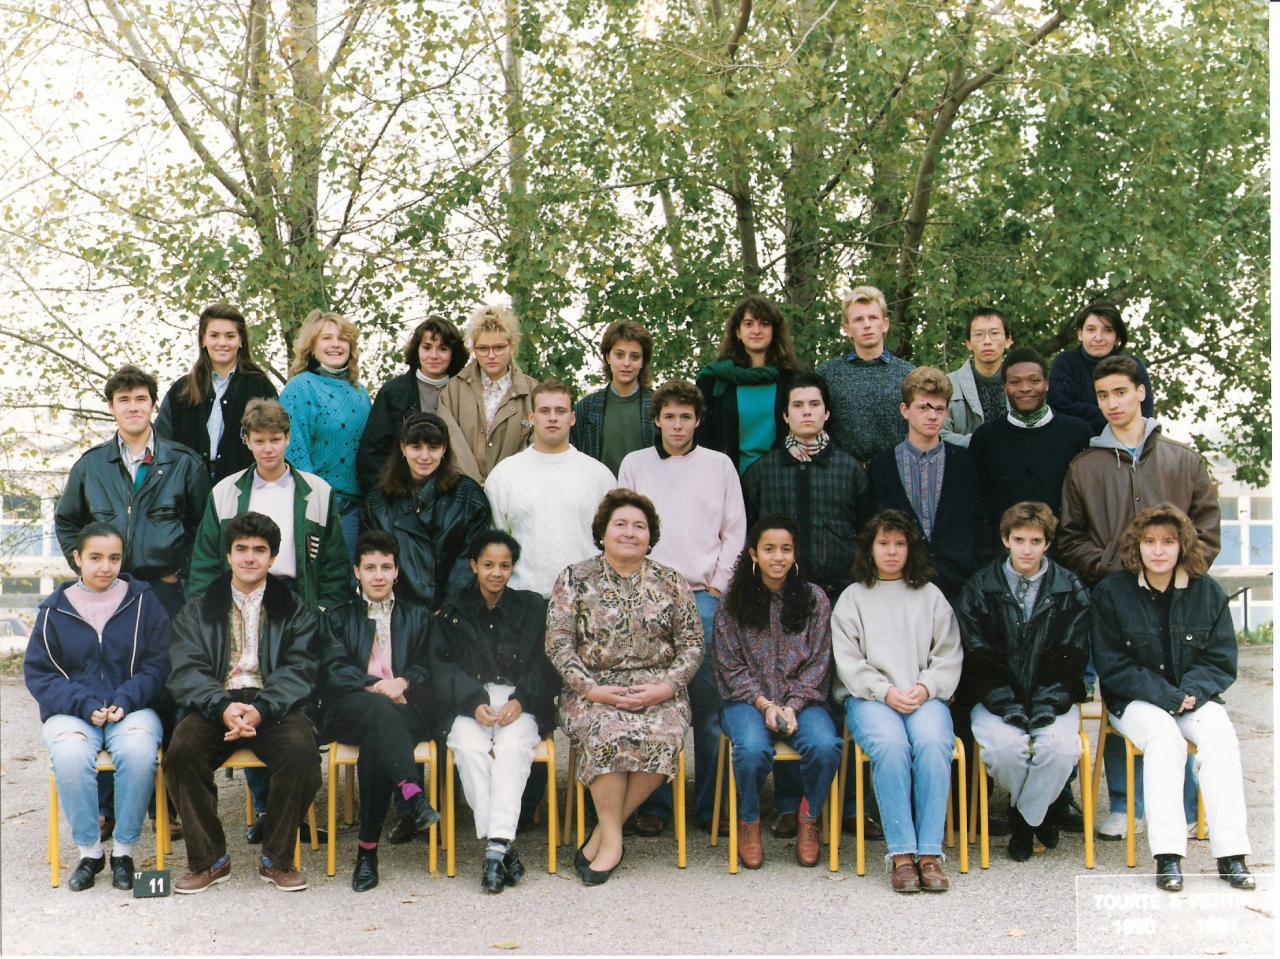 1991 - 1ère